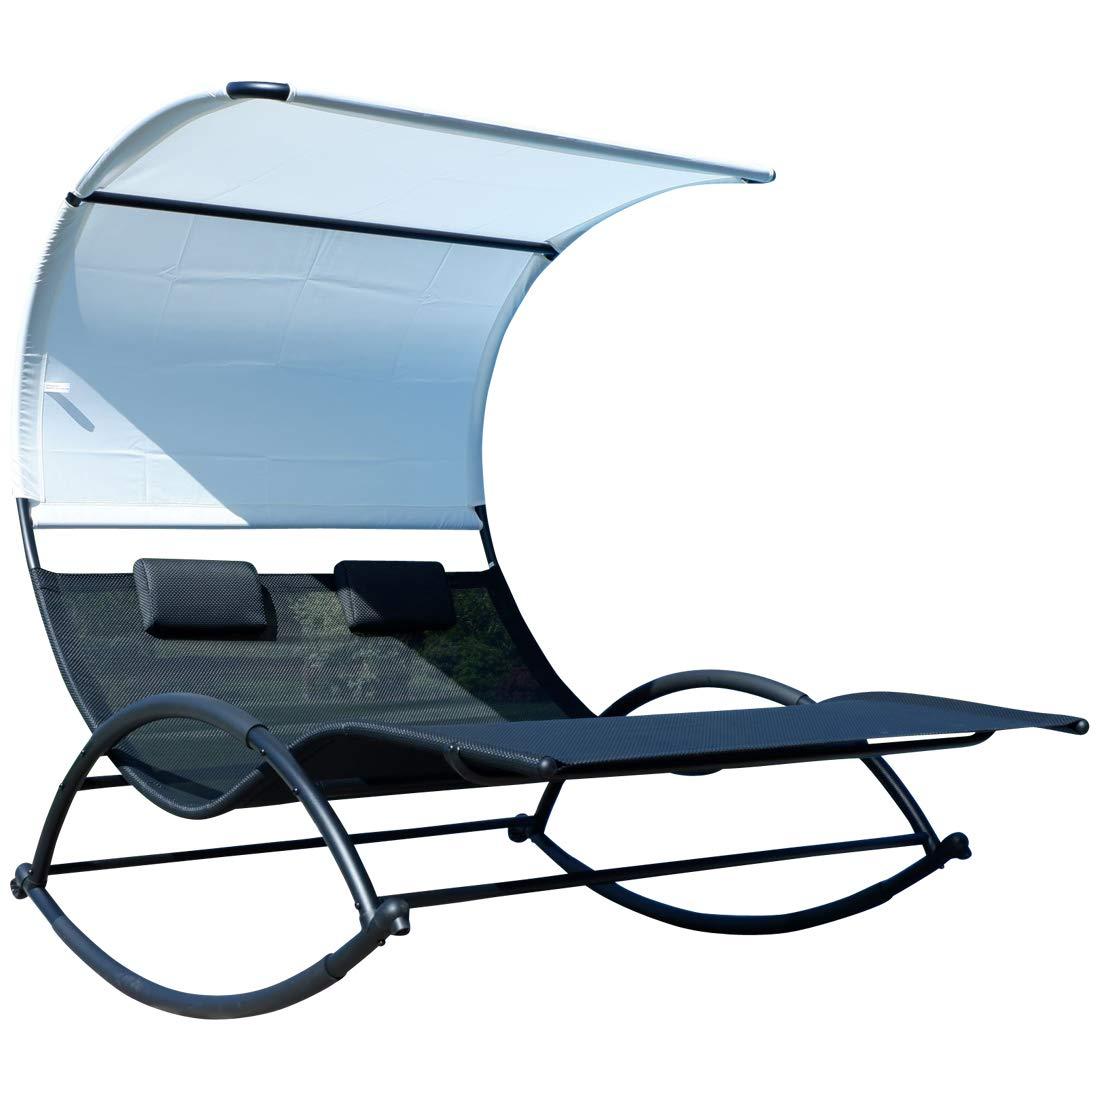 Macedora para sol ergonomicamente curvada en tejido sintetico transpirable con cojin y techo Modelo: IOS AS-S